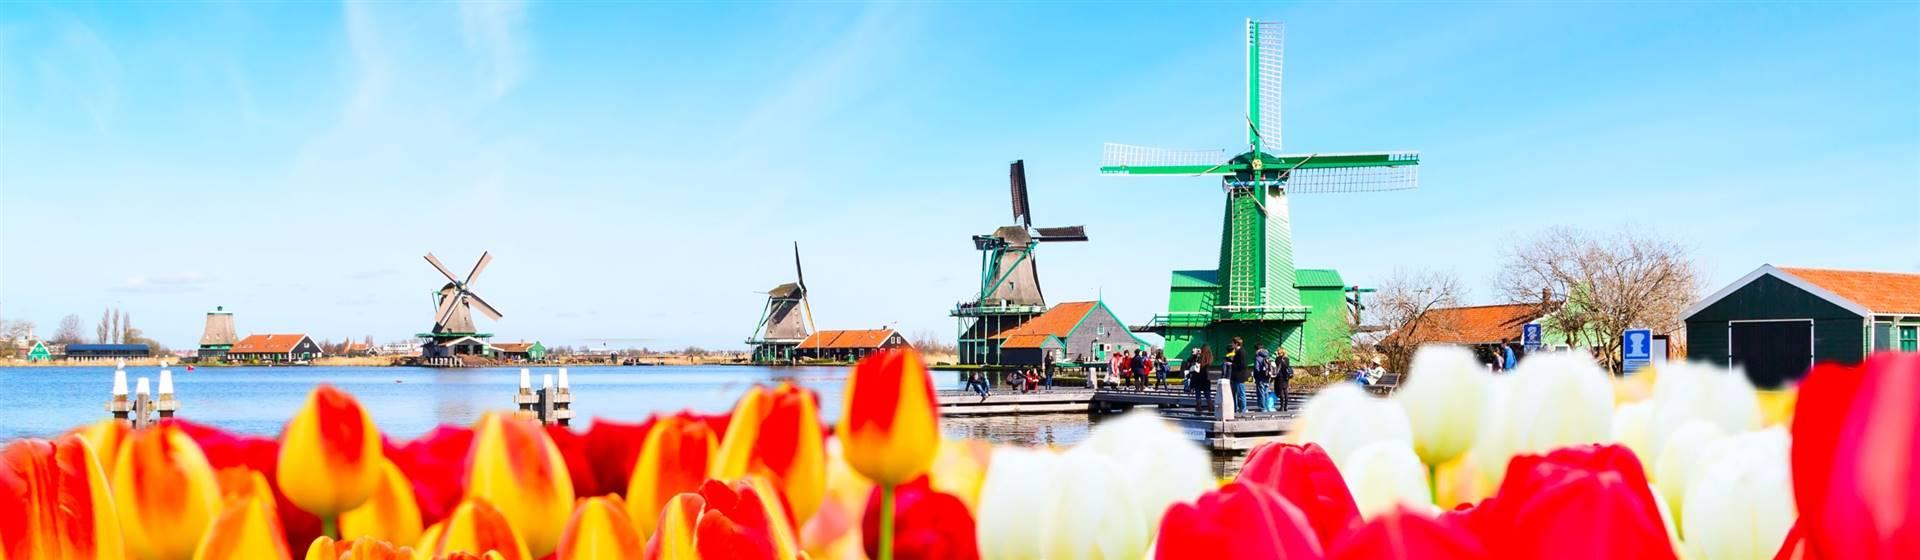 """<img src=""""netherlands-shutterstocklr.jpeg"""" alt=""""Netherlands""""/>"""